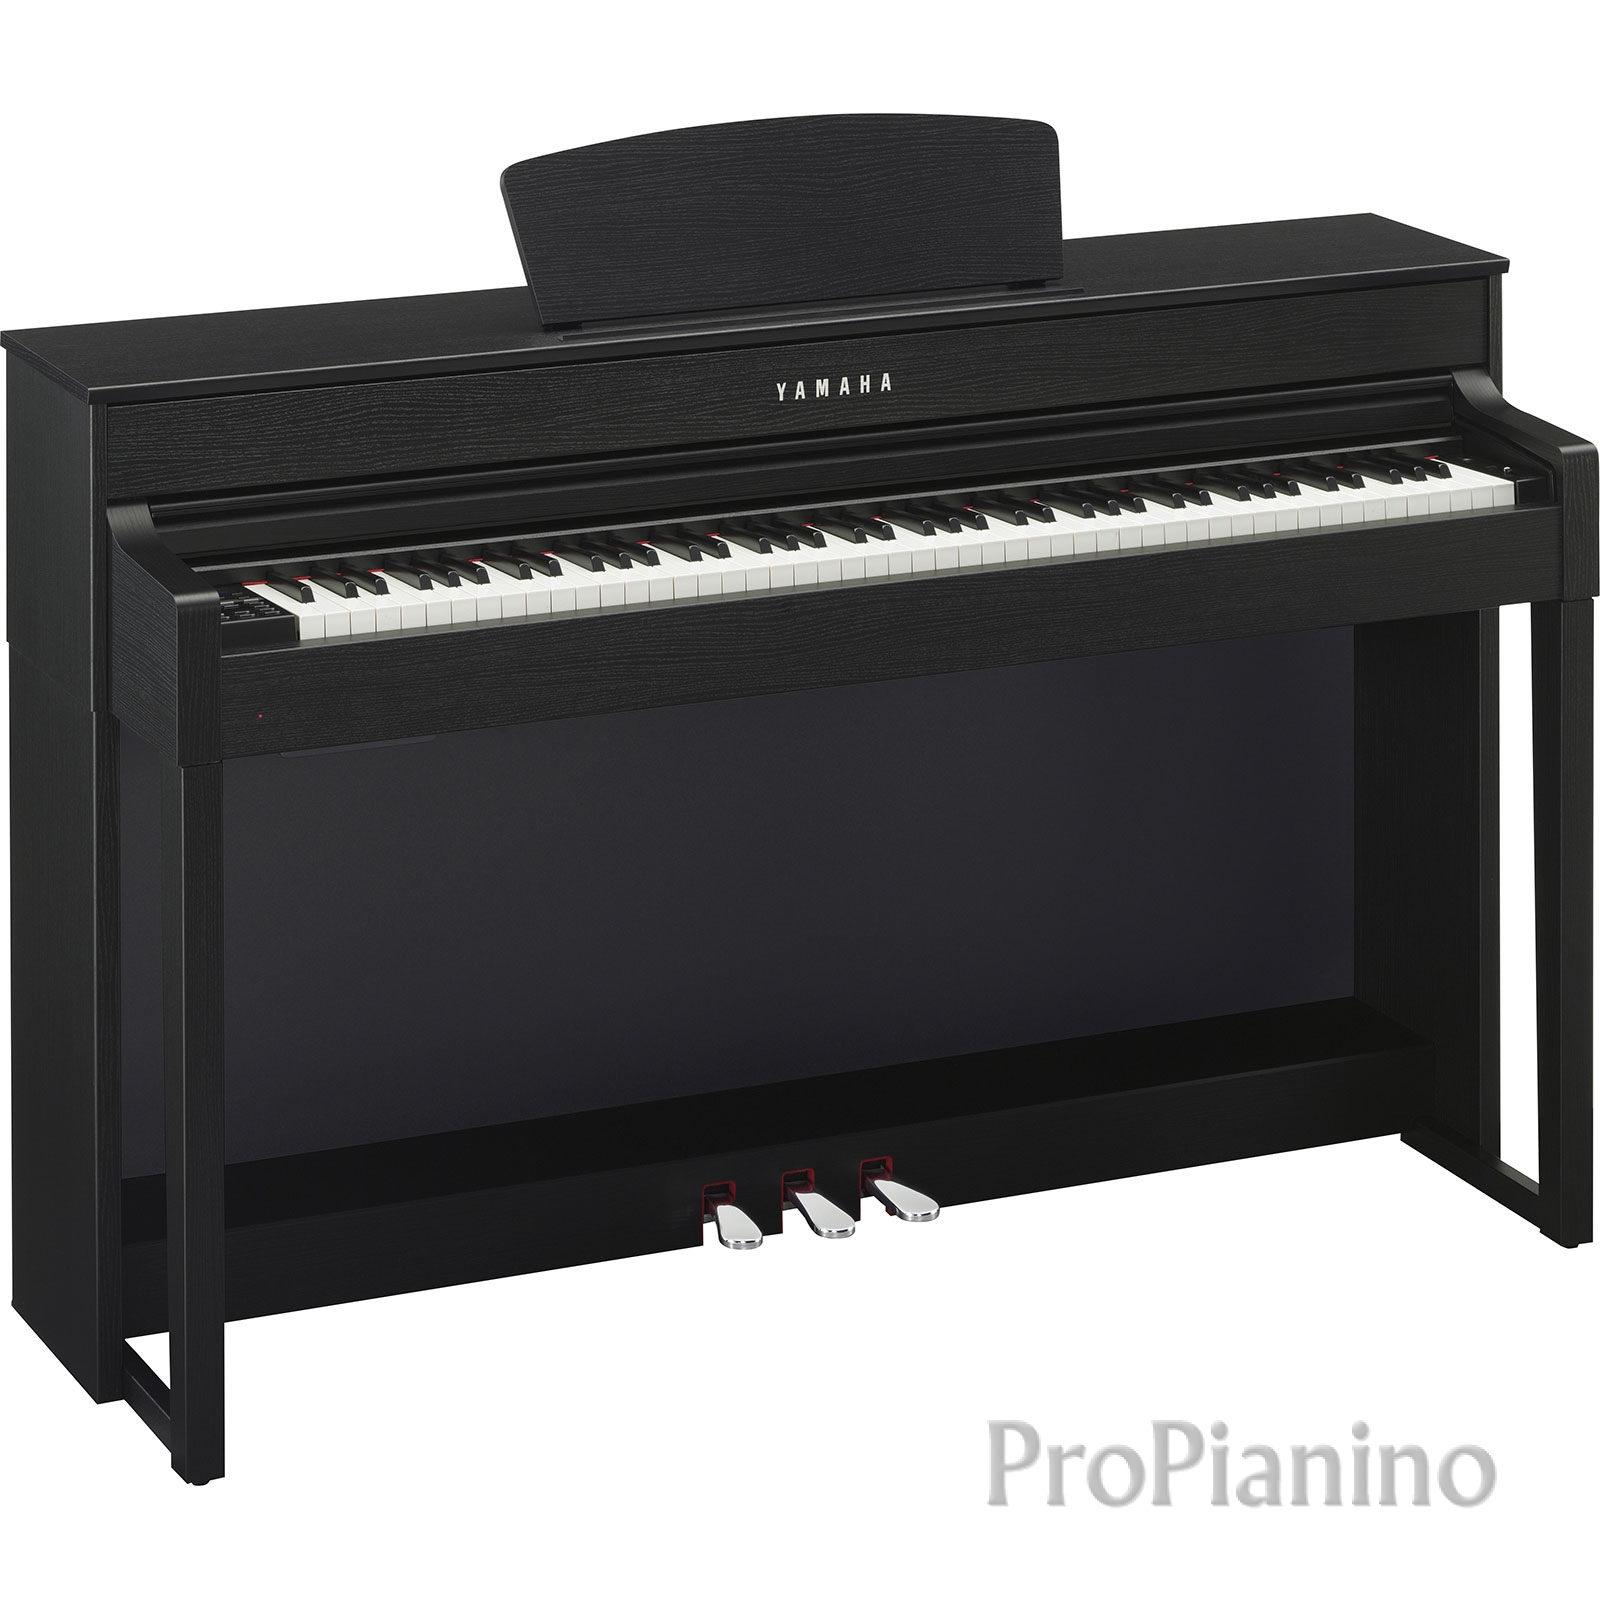 Черный оркестровый инструмент Yamaha clp 535